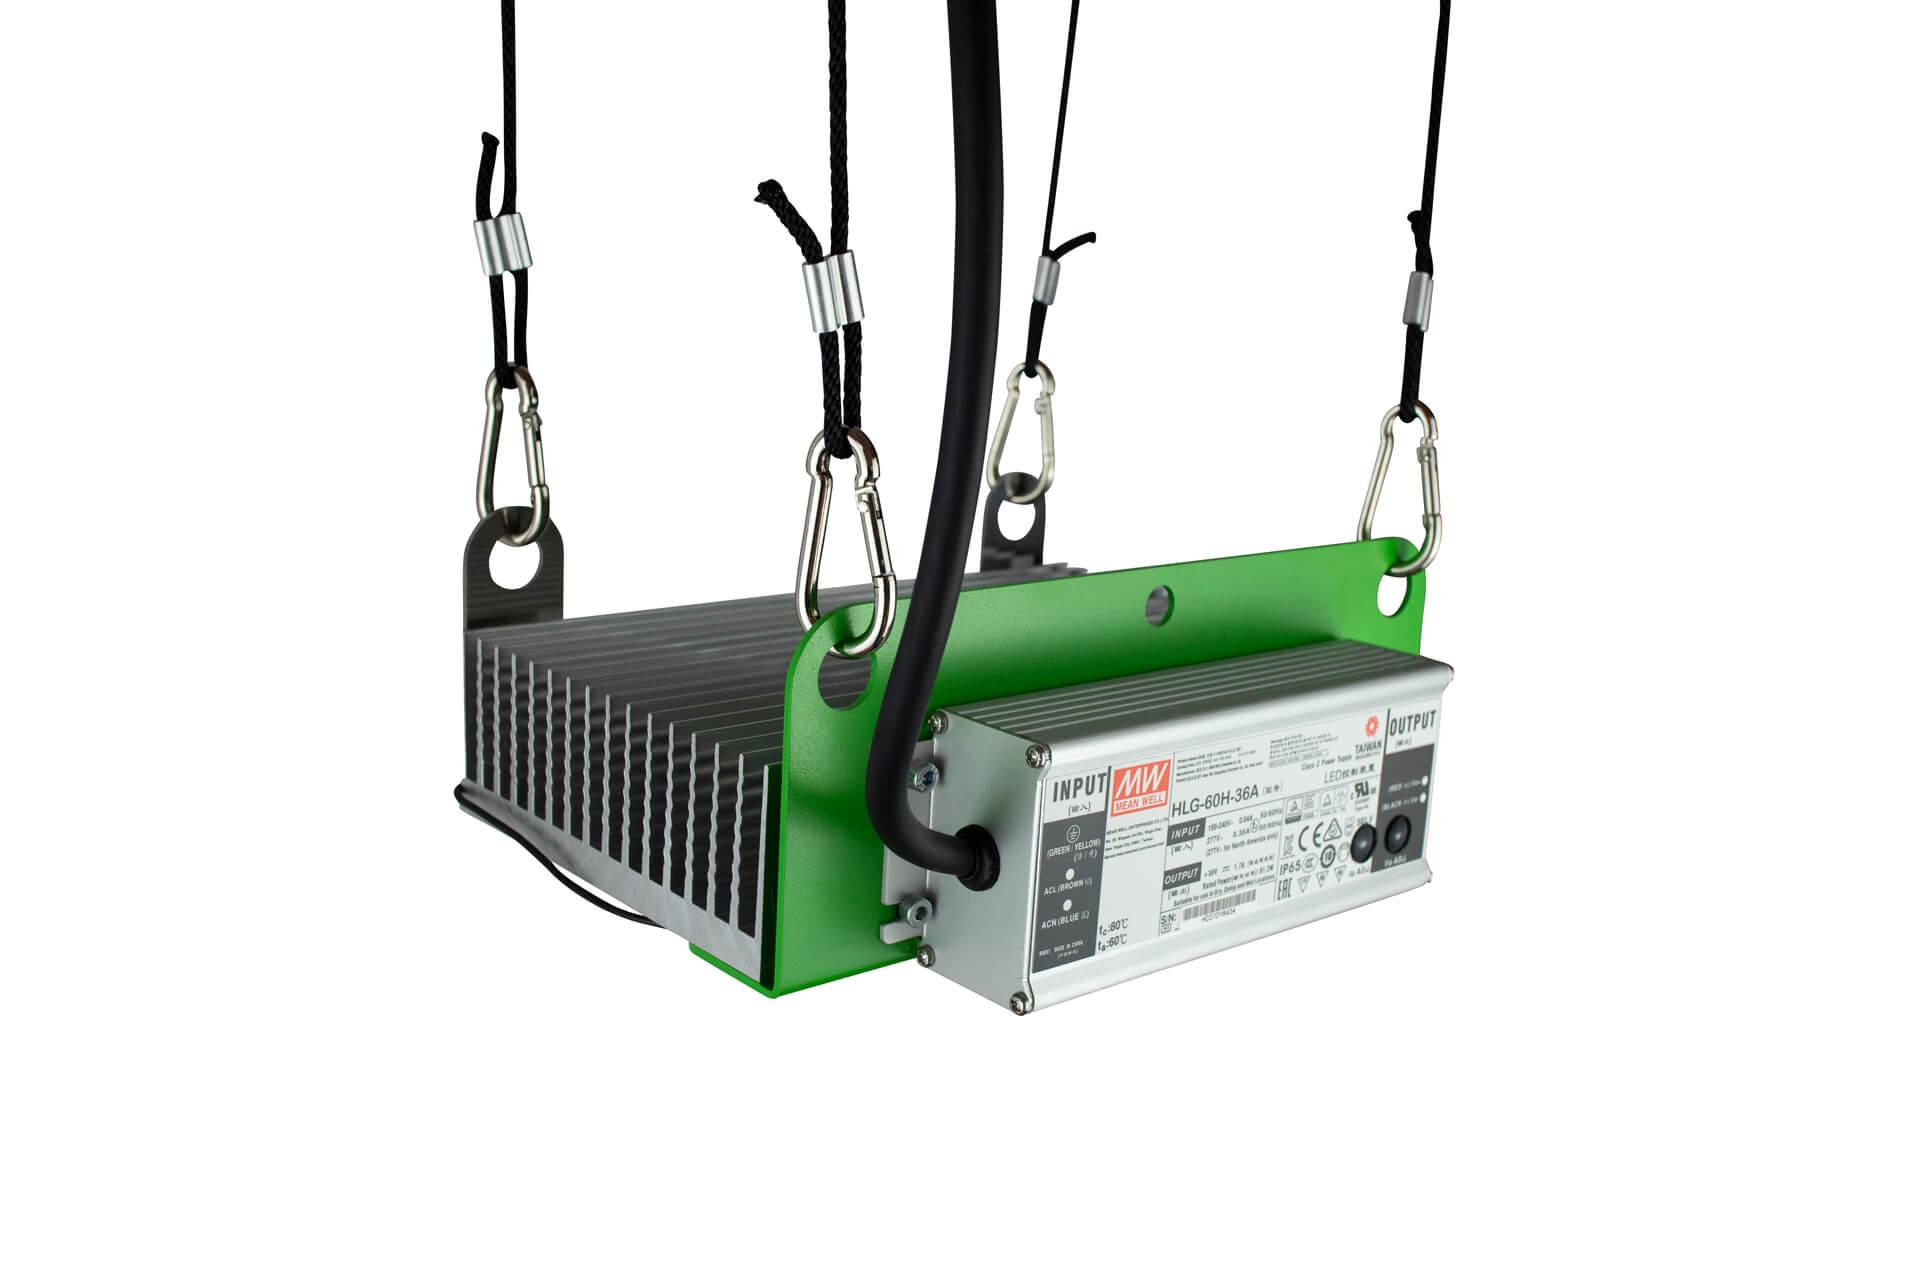 DIY-M-KIT-SMD-60w-vogel-pro-emit-onlineshop